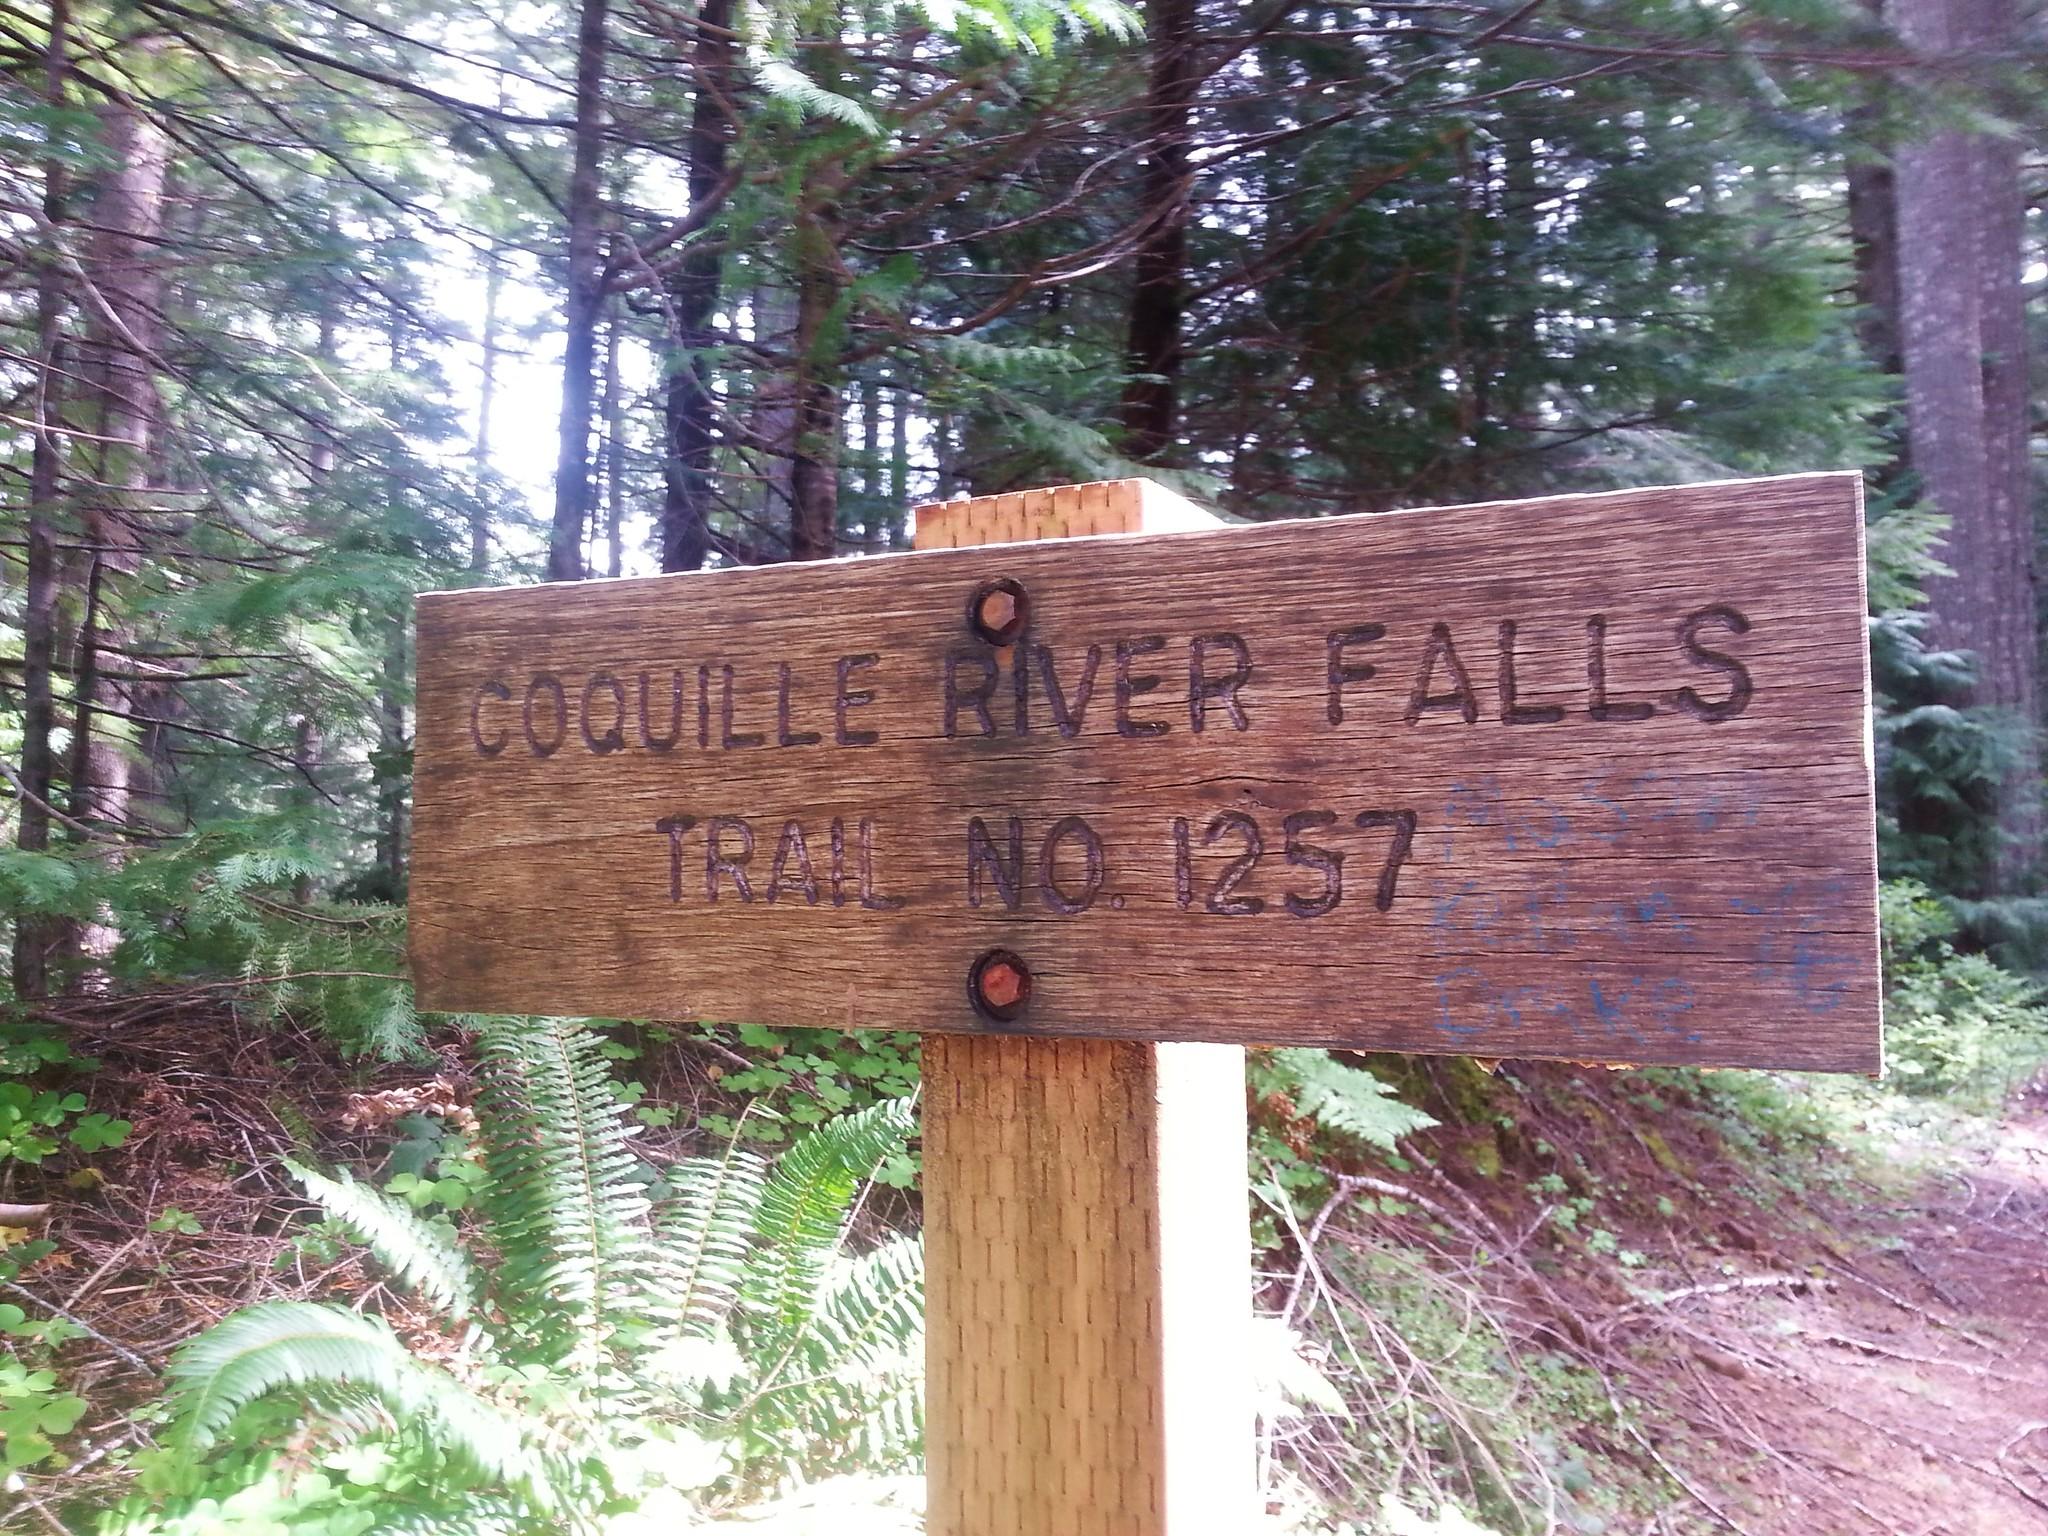 Coquille River Falls Trailhead